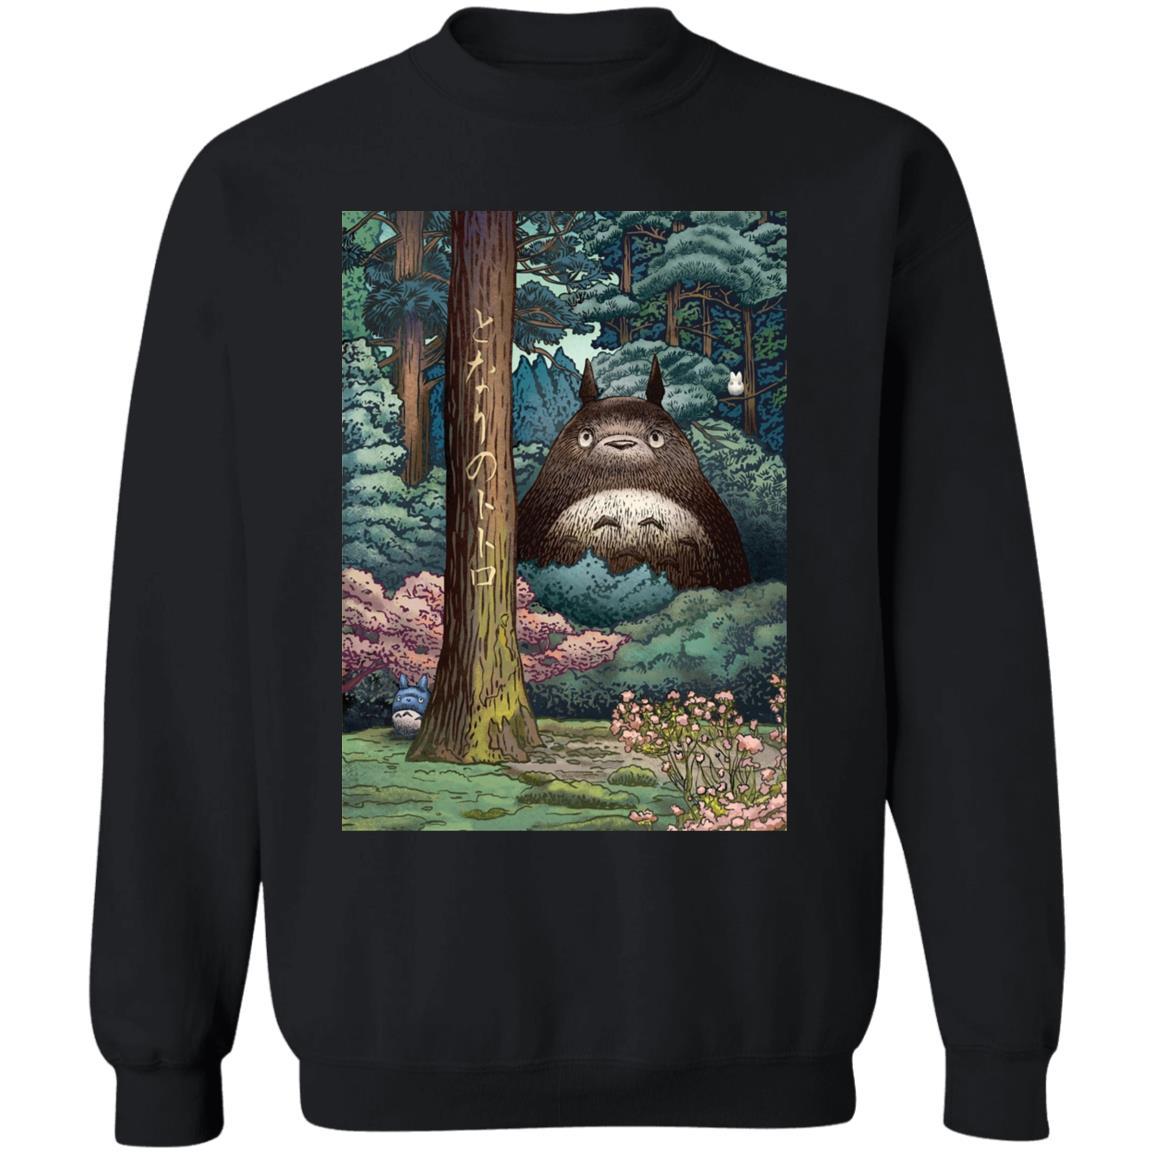 My Neighbor Totoro Forest Spirit Sweatshirt